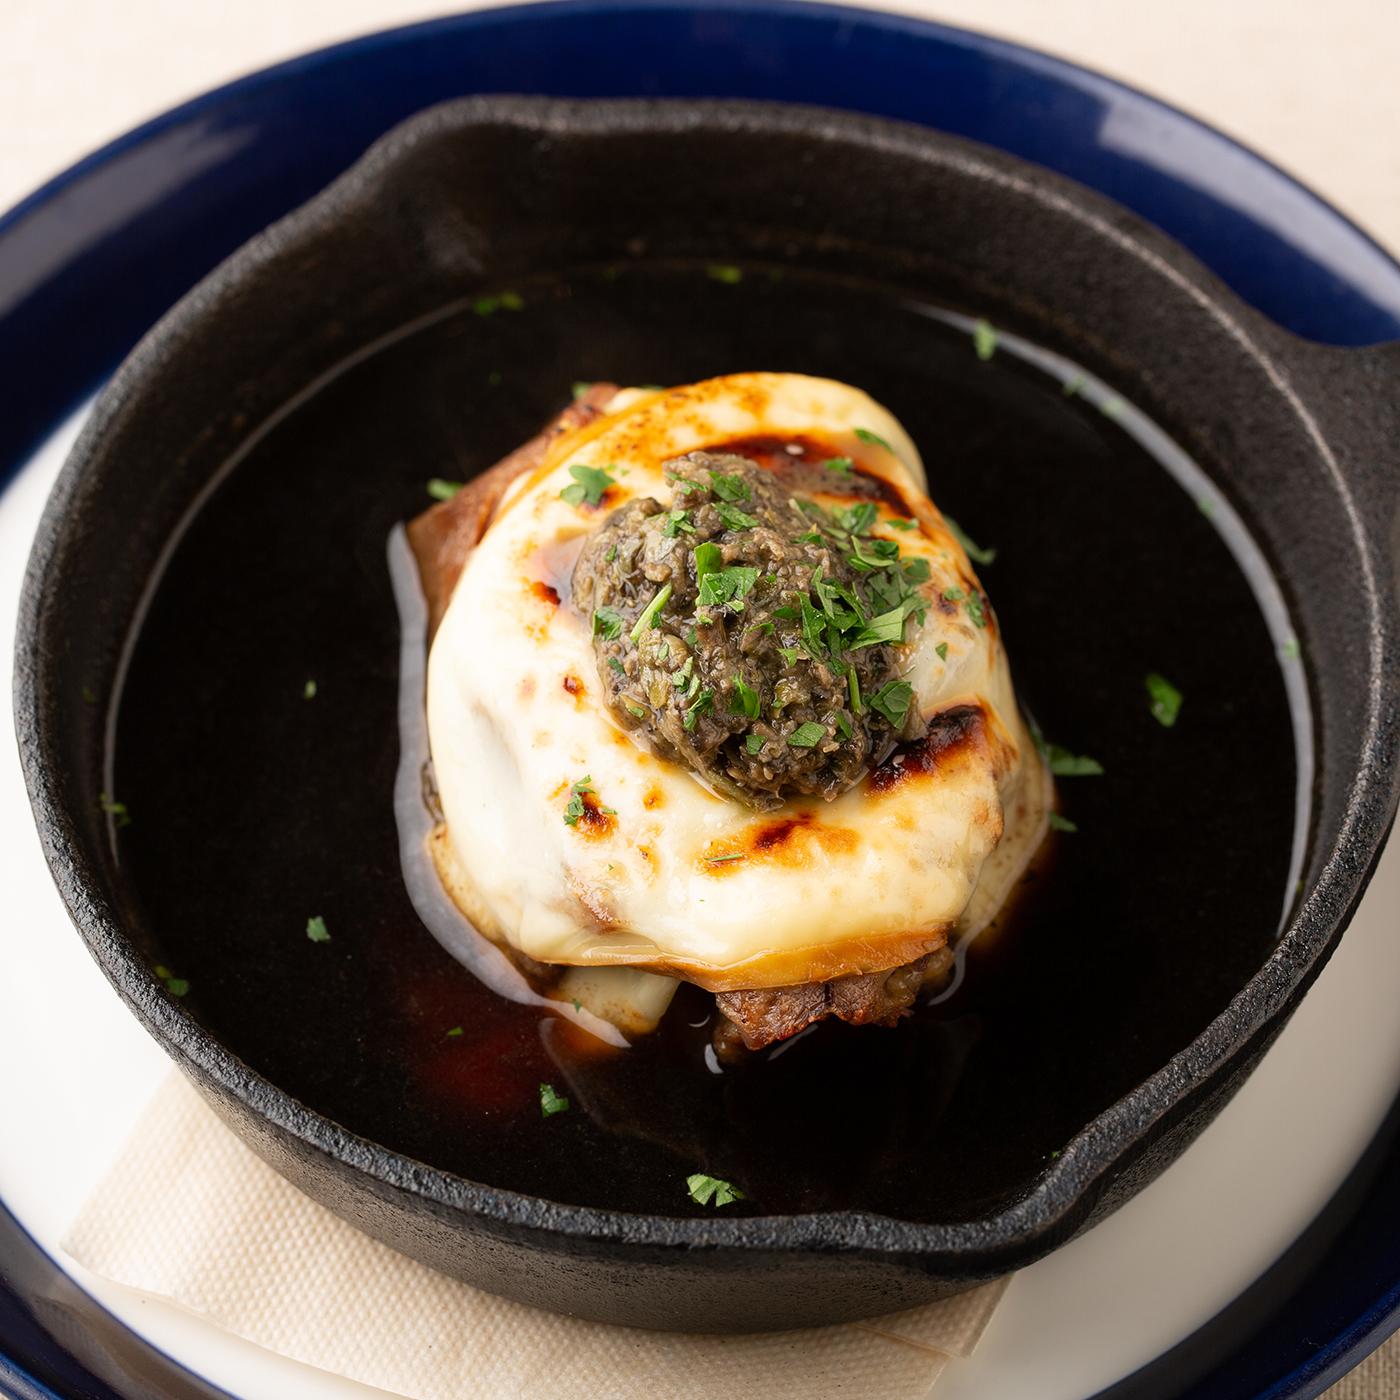 牛タンと大根のコンソメ焼き タプナードとスカモルツァ添え 1680円